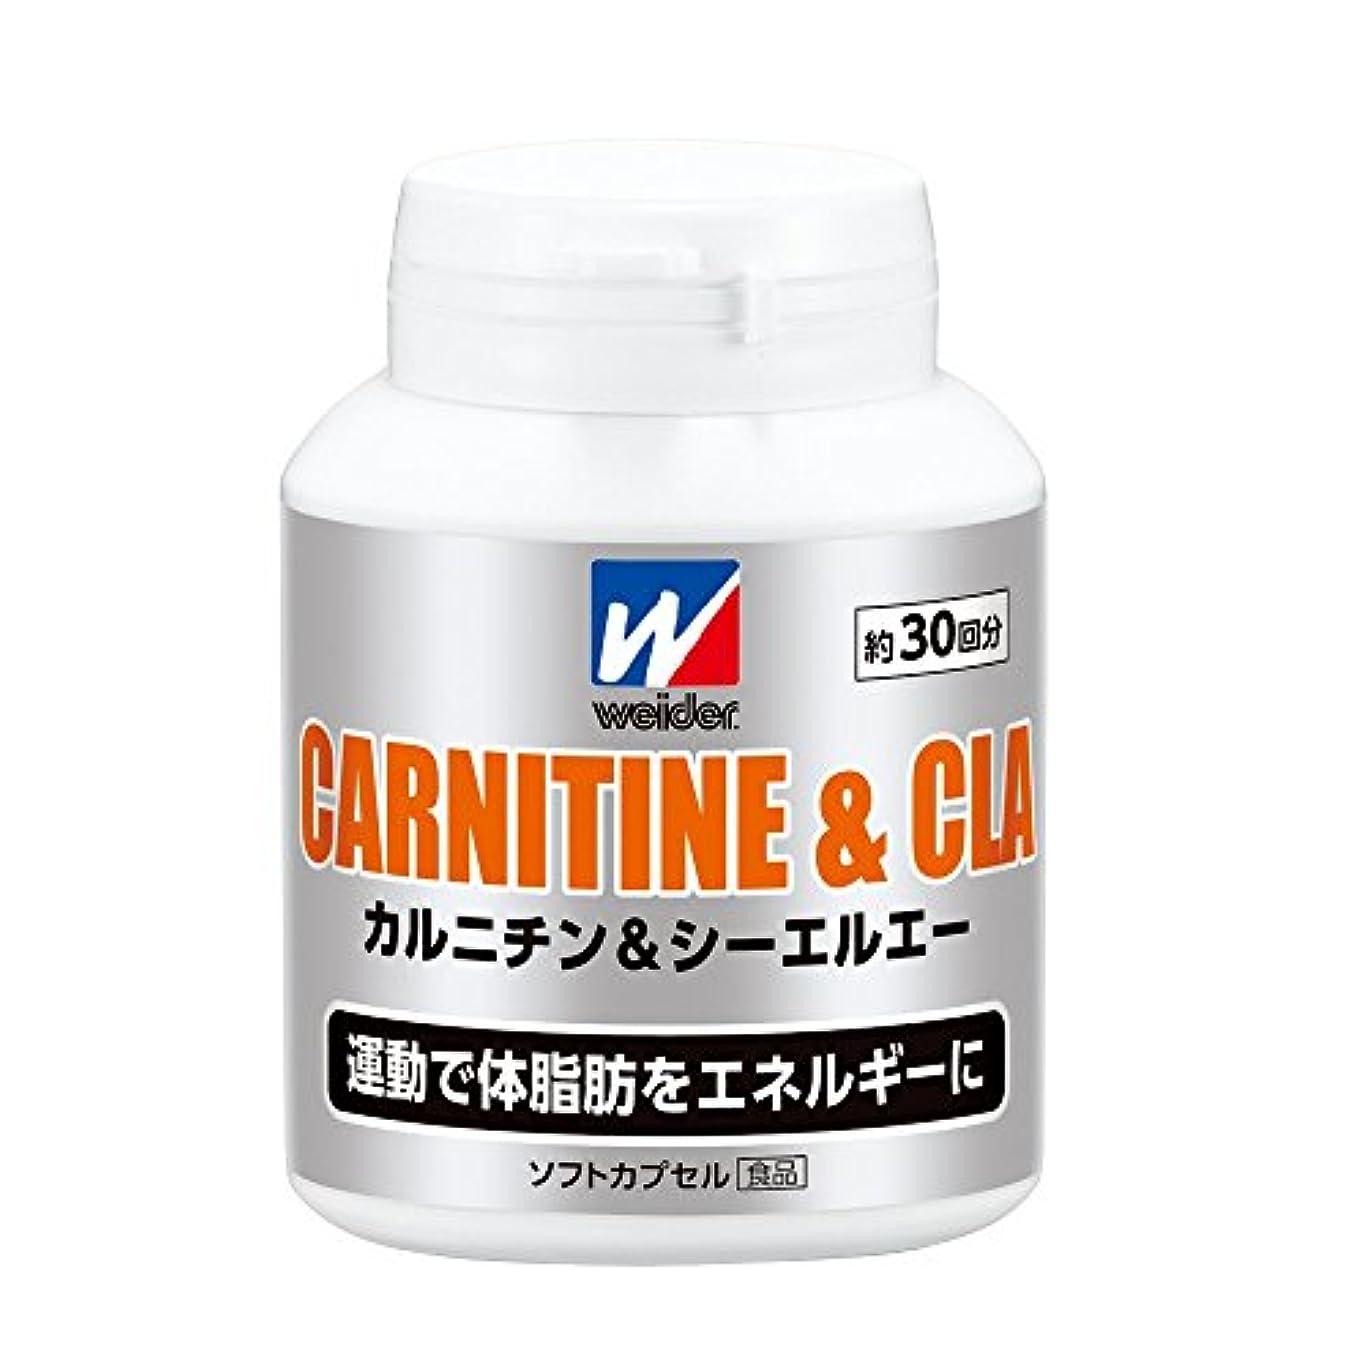 すごい納税者恐ろしいウイダー カルニチン&CLA 120粒 約30回分